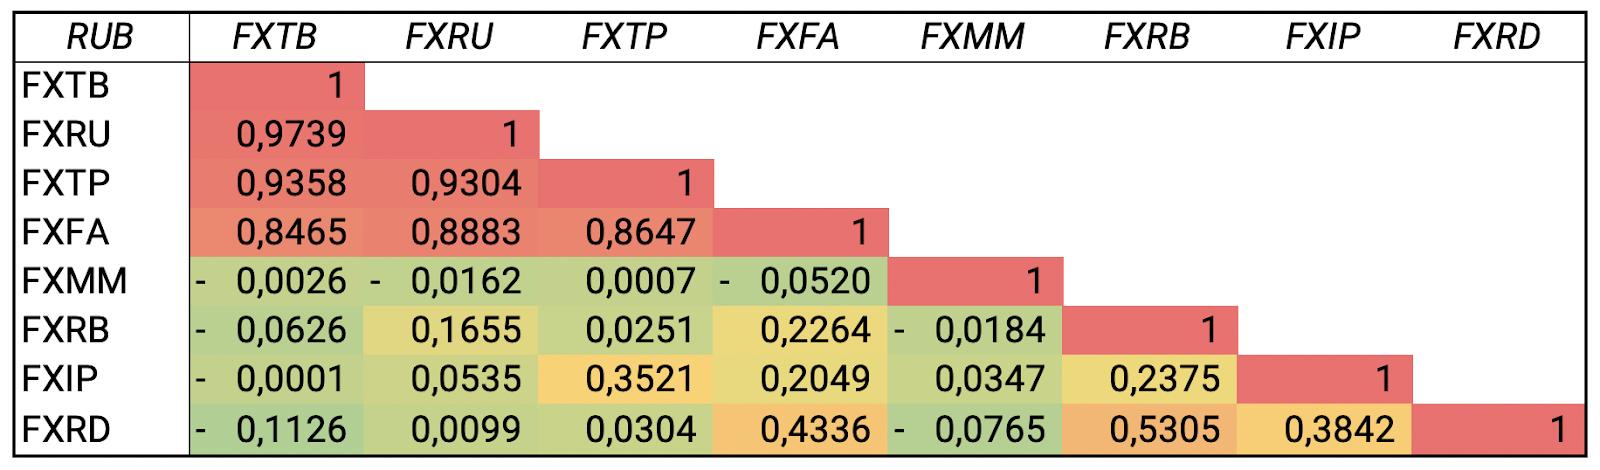 Корреляция ETF облигаций за последние 5 лет (RUB)